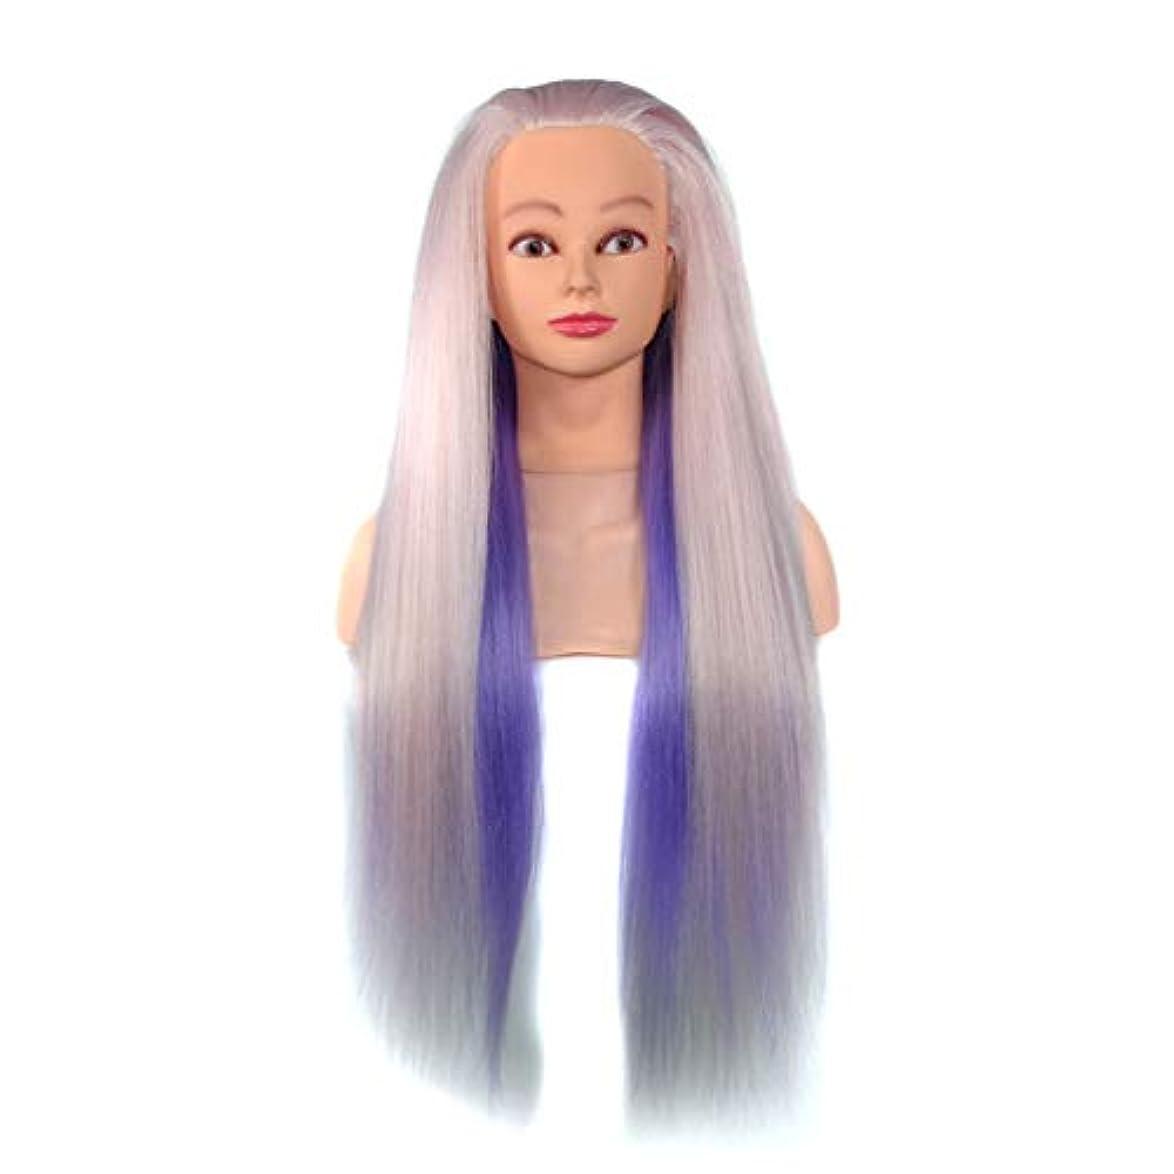 誇大妄想どれか平均高温シルク花嫁編組エクササイズヘッドサロン教育グラデーショントレーニングヘッド理髪学習ヘッドモデル